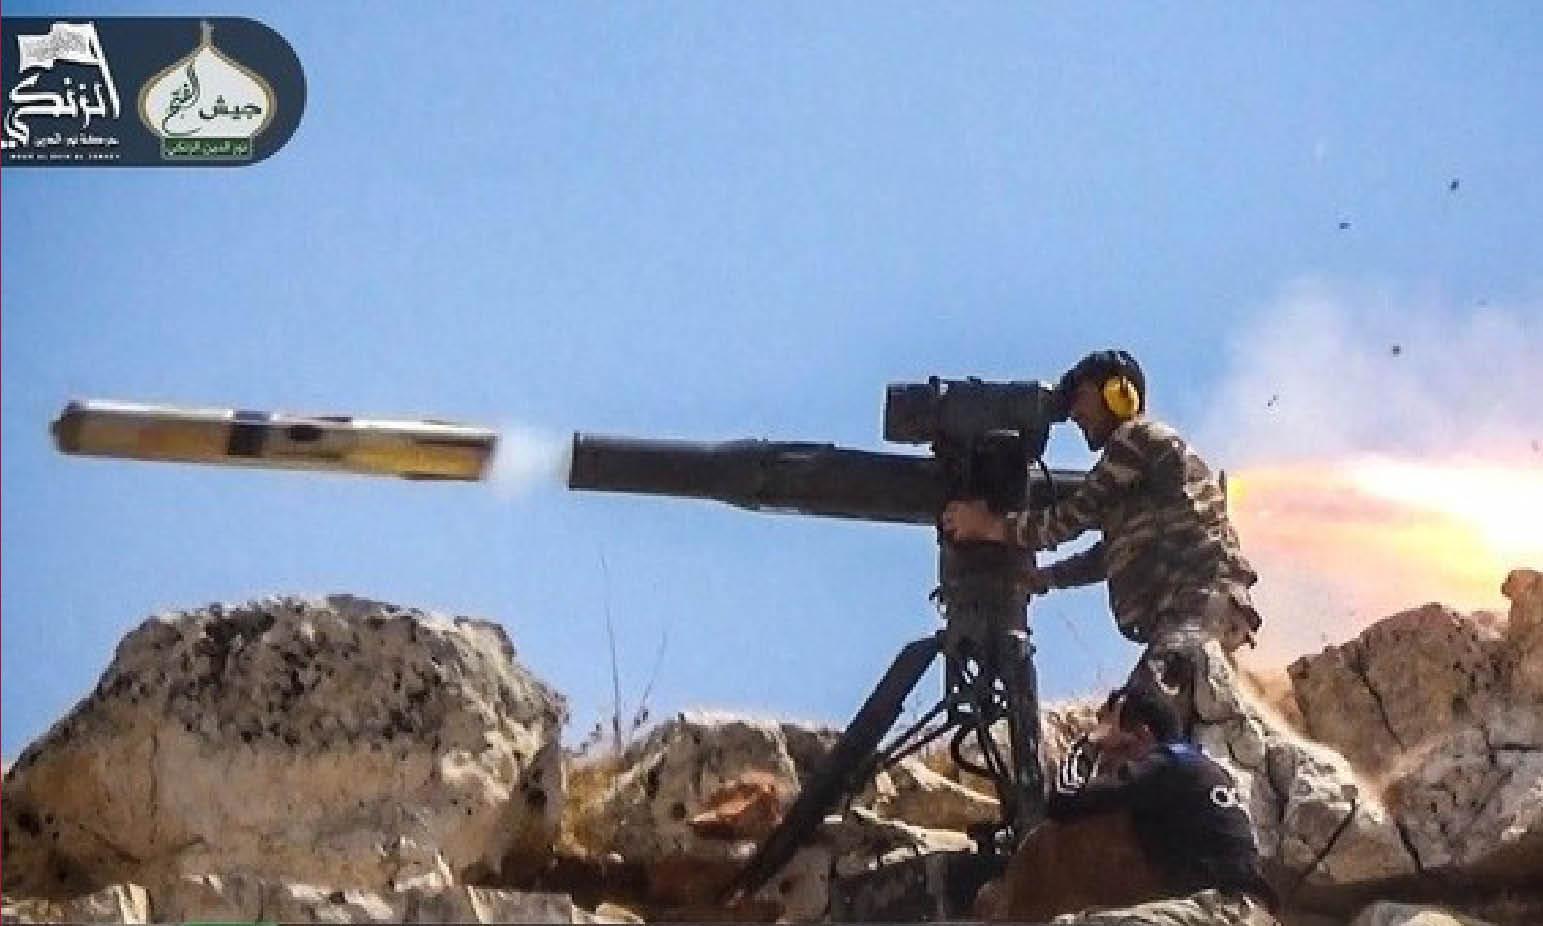 DOSSIER TURCO: I 21 GRUPPI JIHADISTI FINANZIATI DA USA E CIA: armati coi micidiali missili TOW